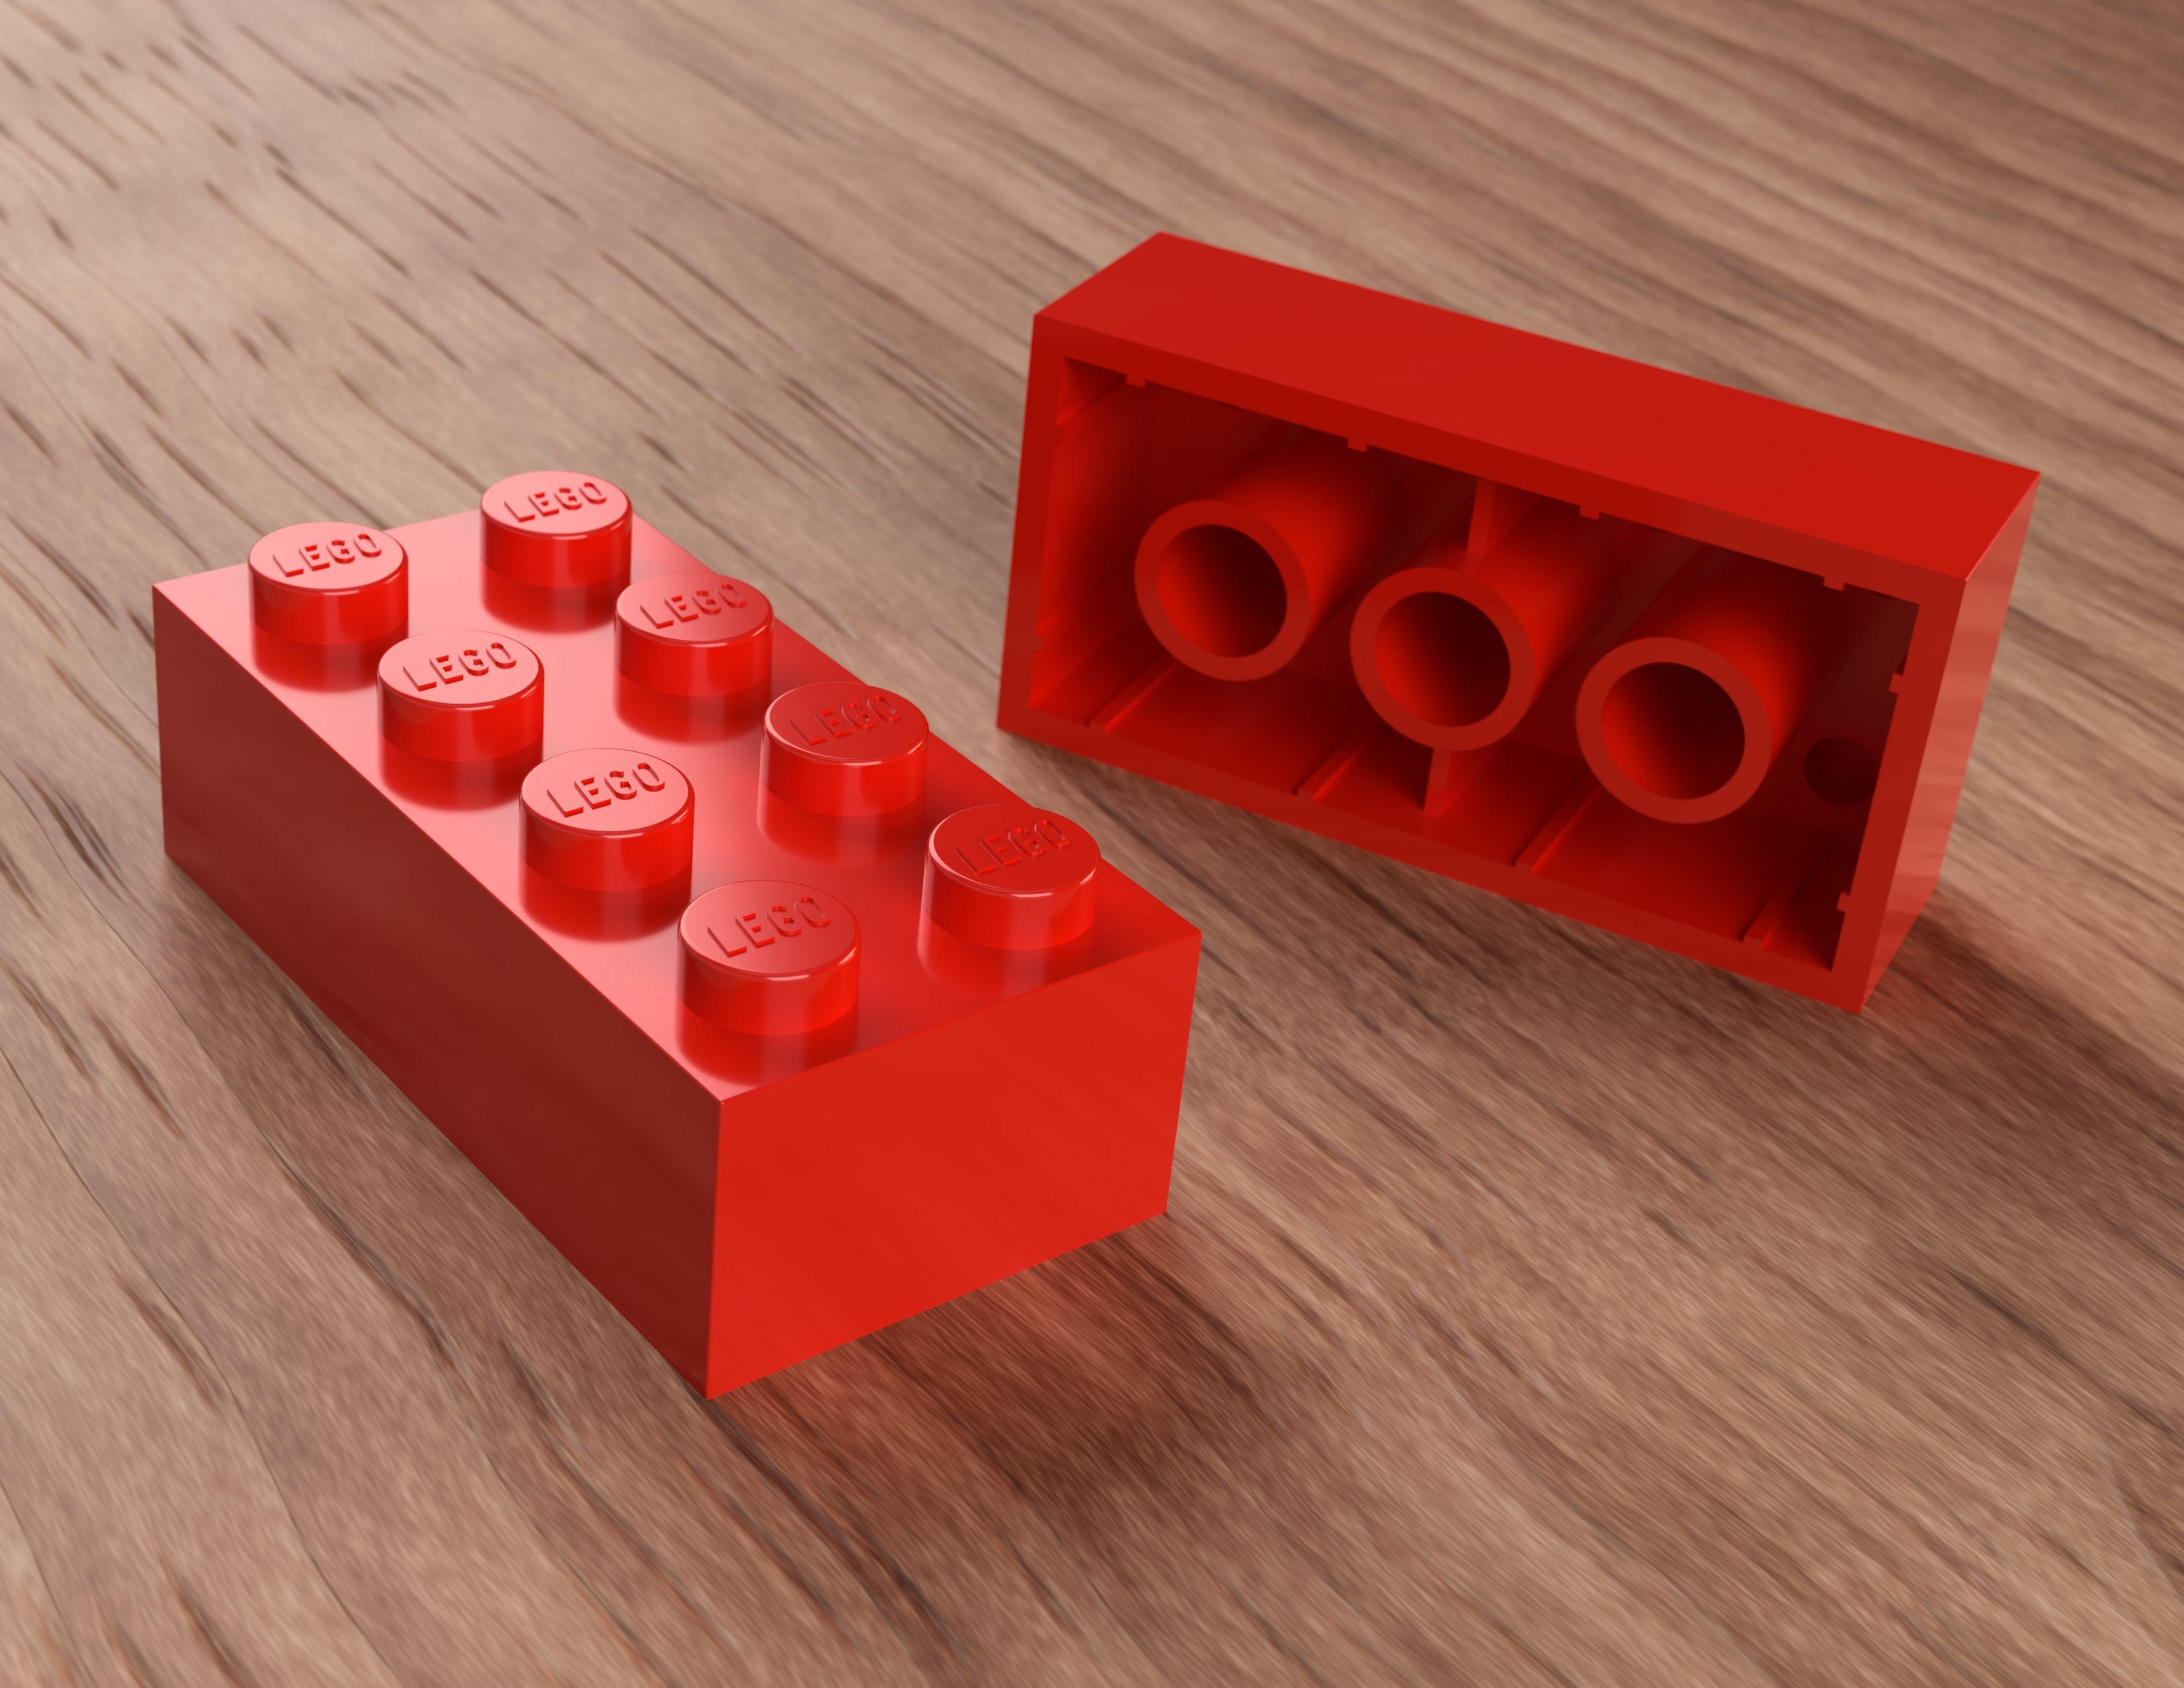 Lego-brick-v7-3500-3500